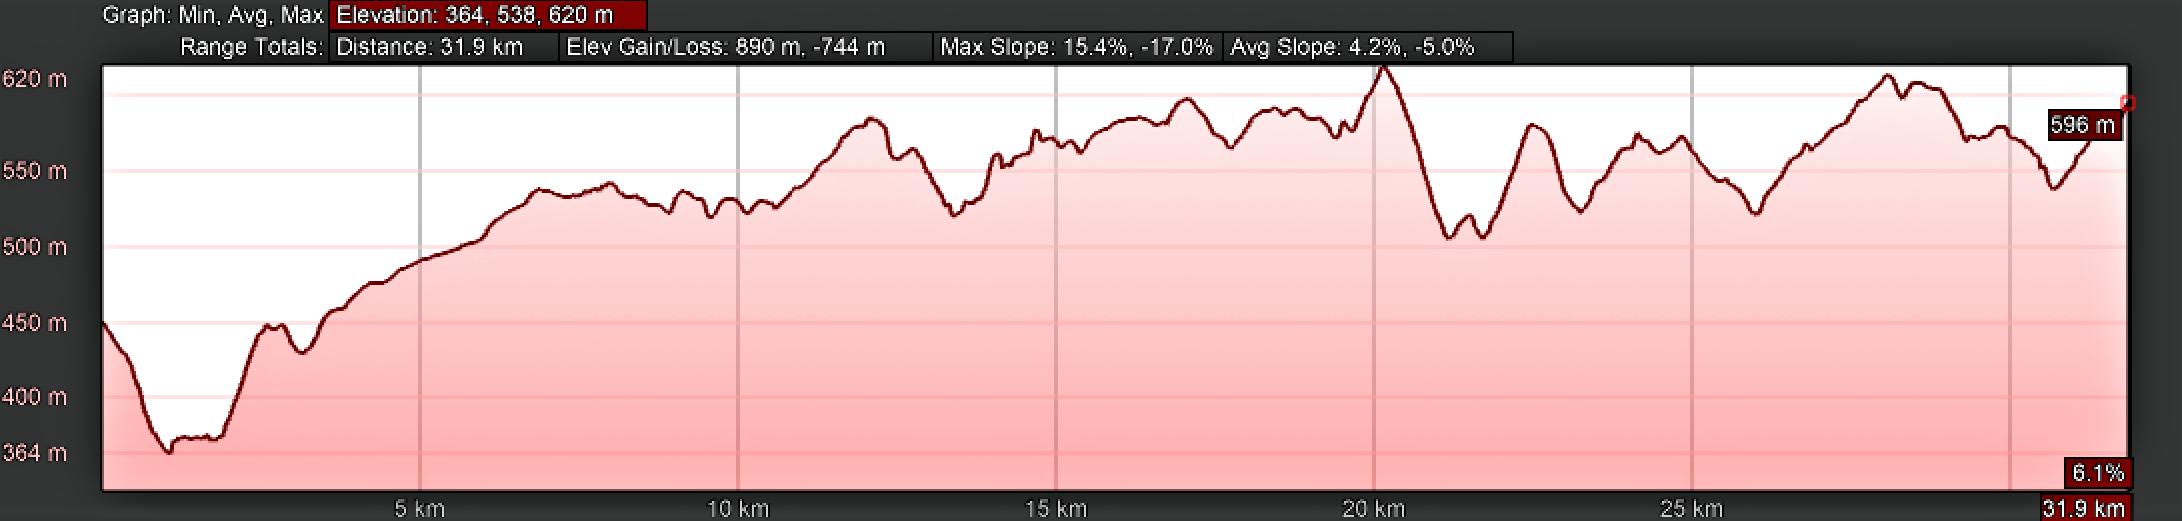 Elevation Profile, Lugo to As Seixas